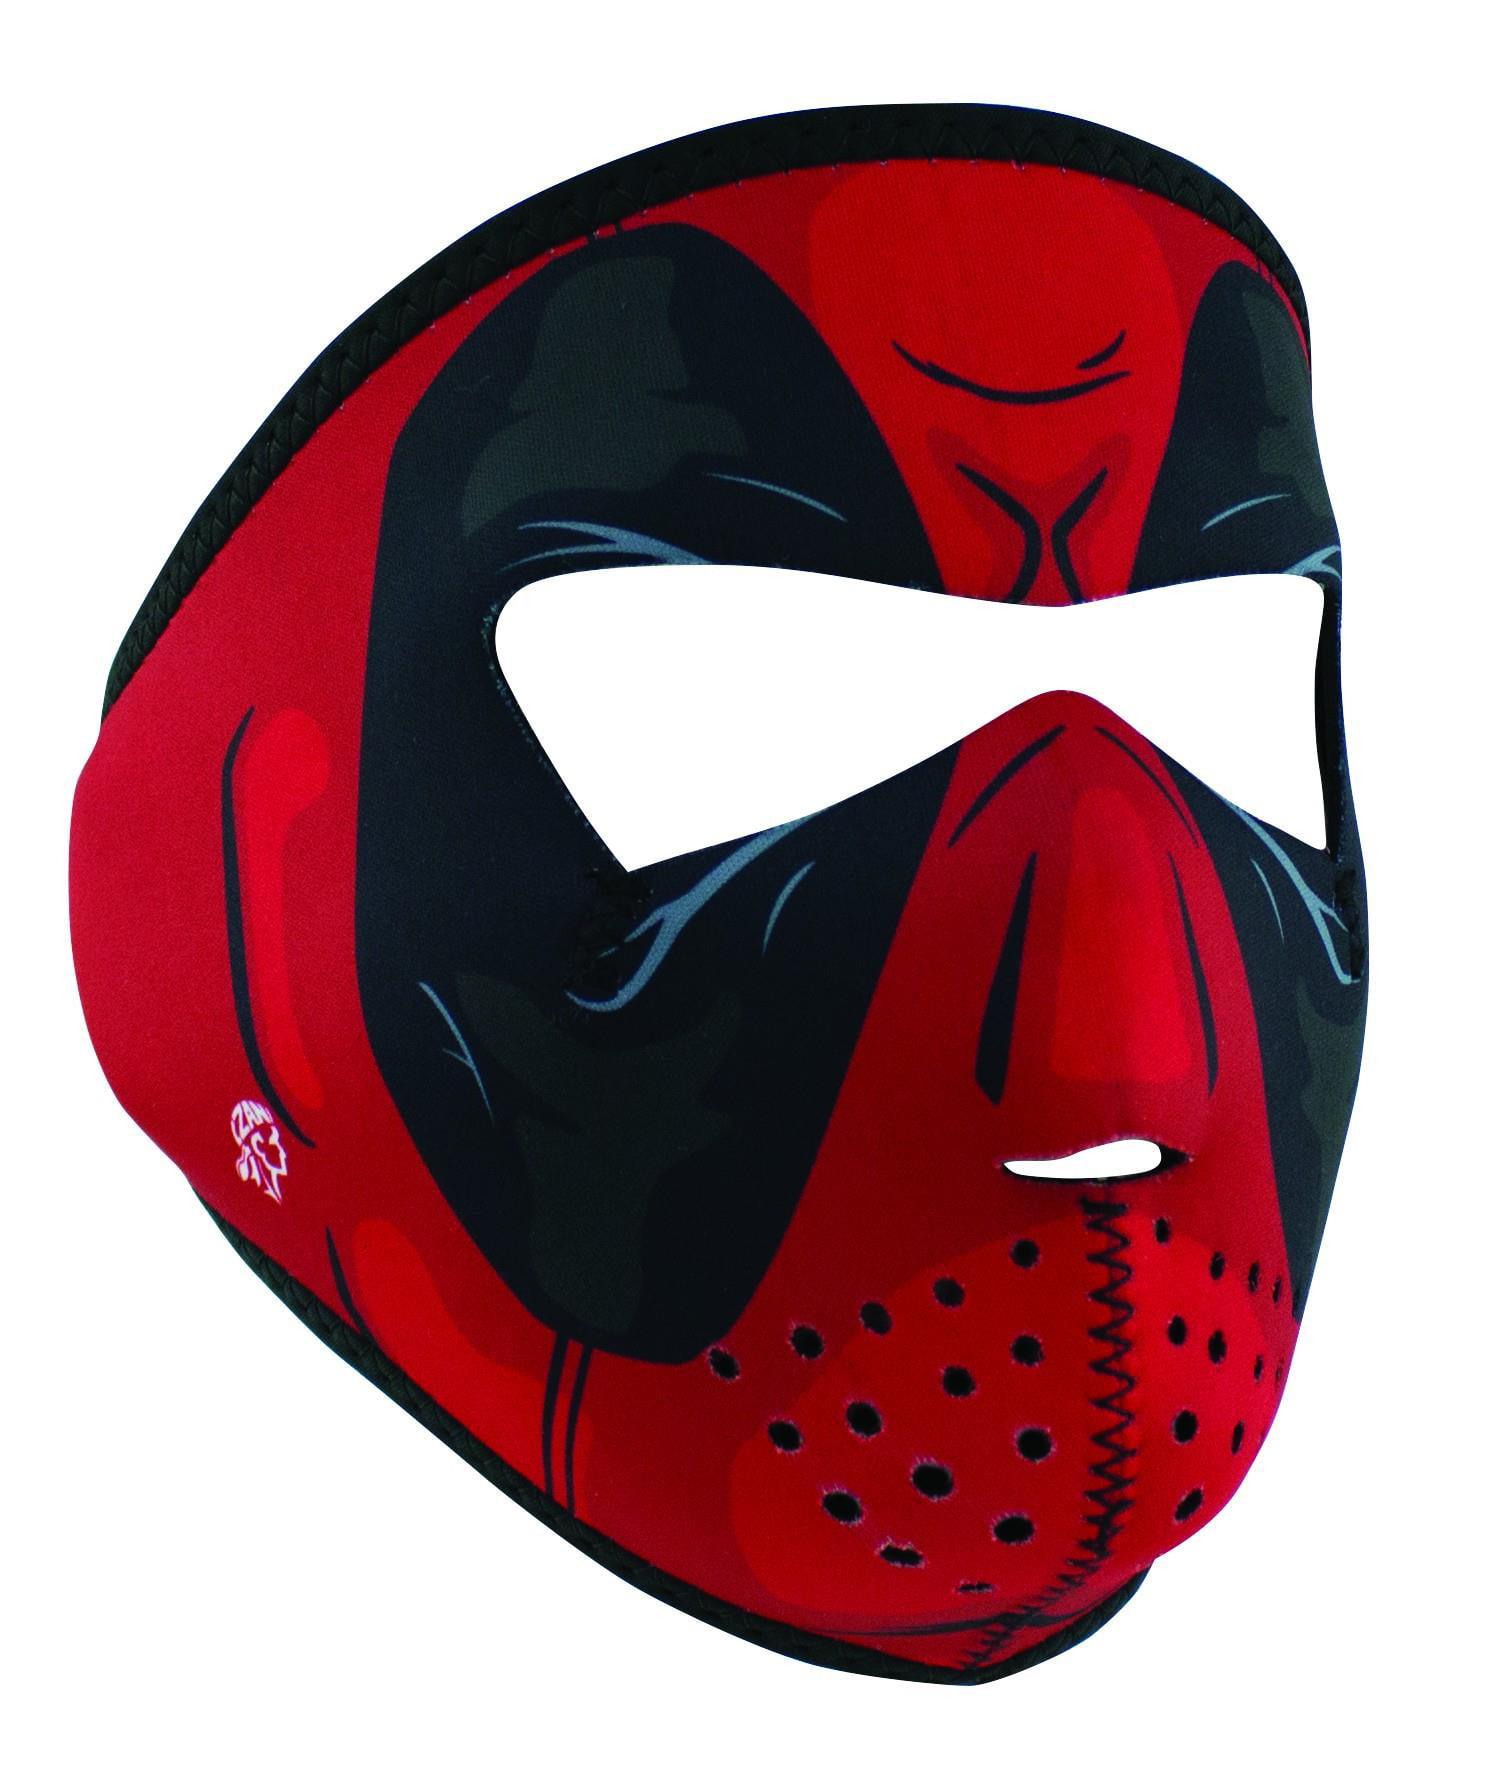 Zan Headgear Small Full Face Mask by Zan Headgear